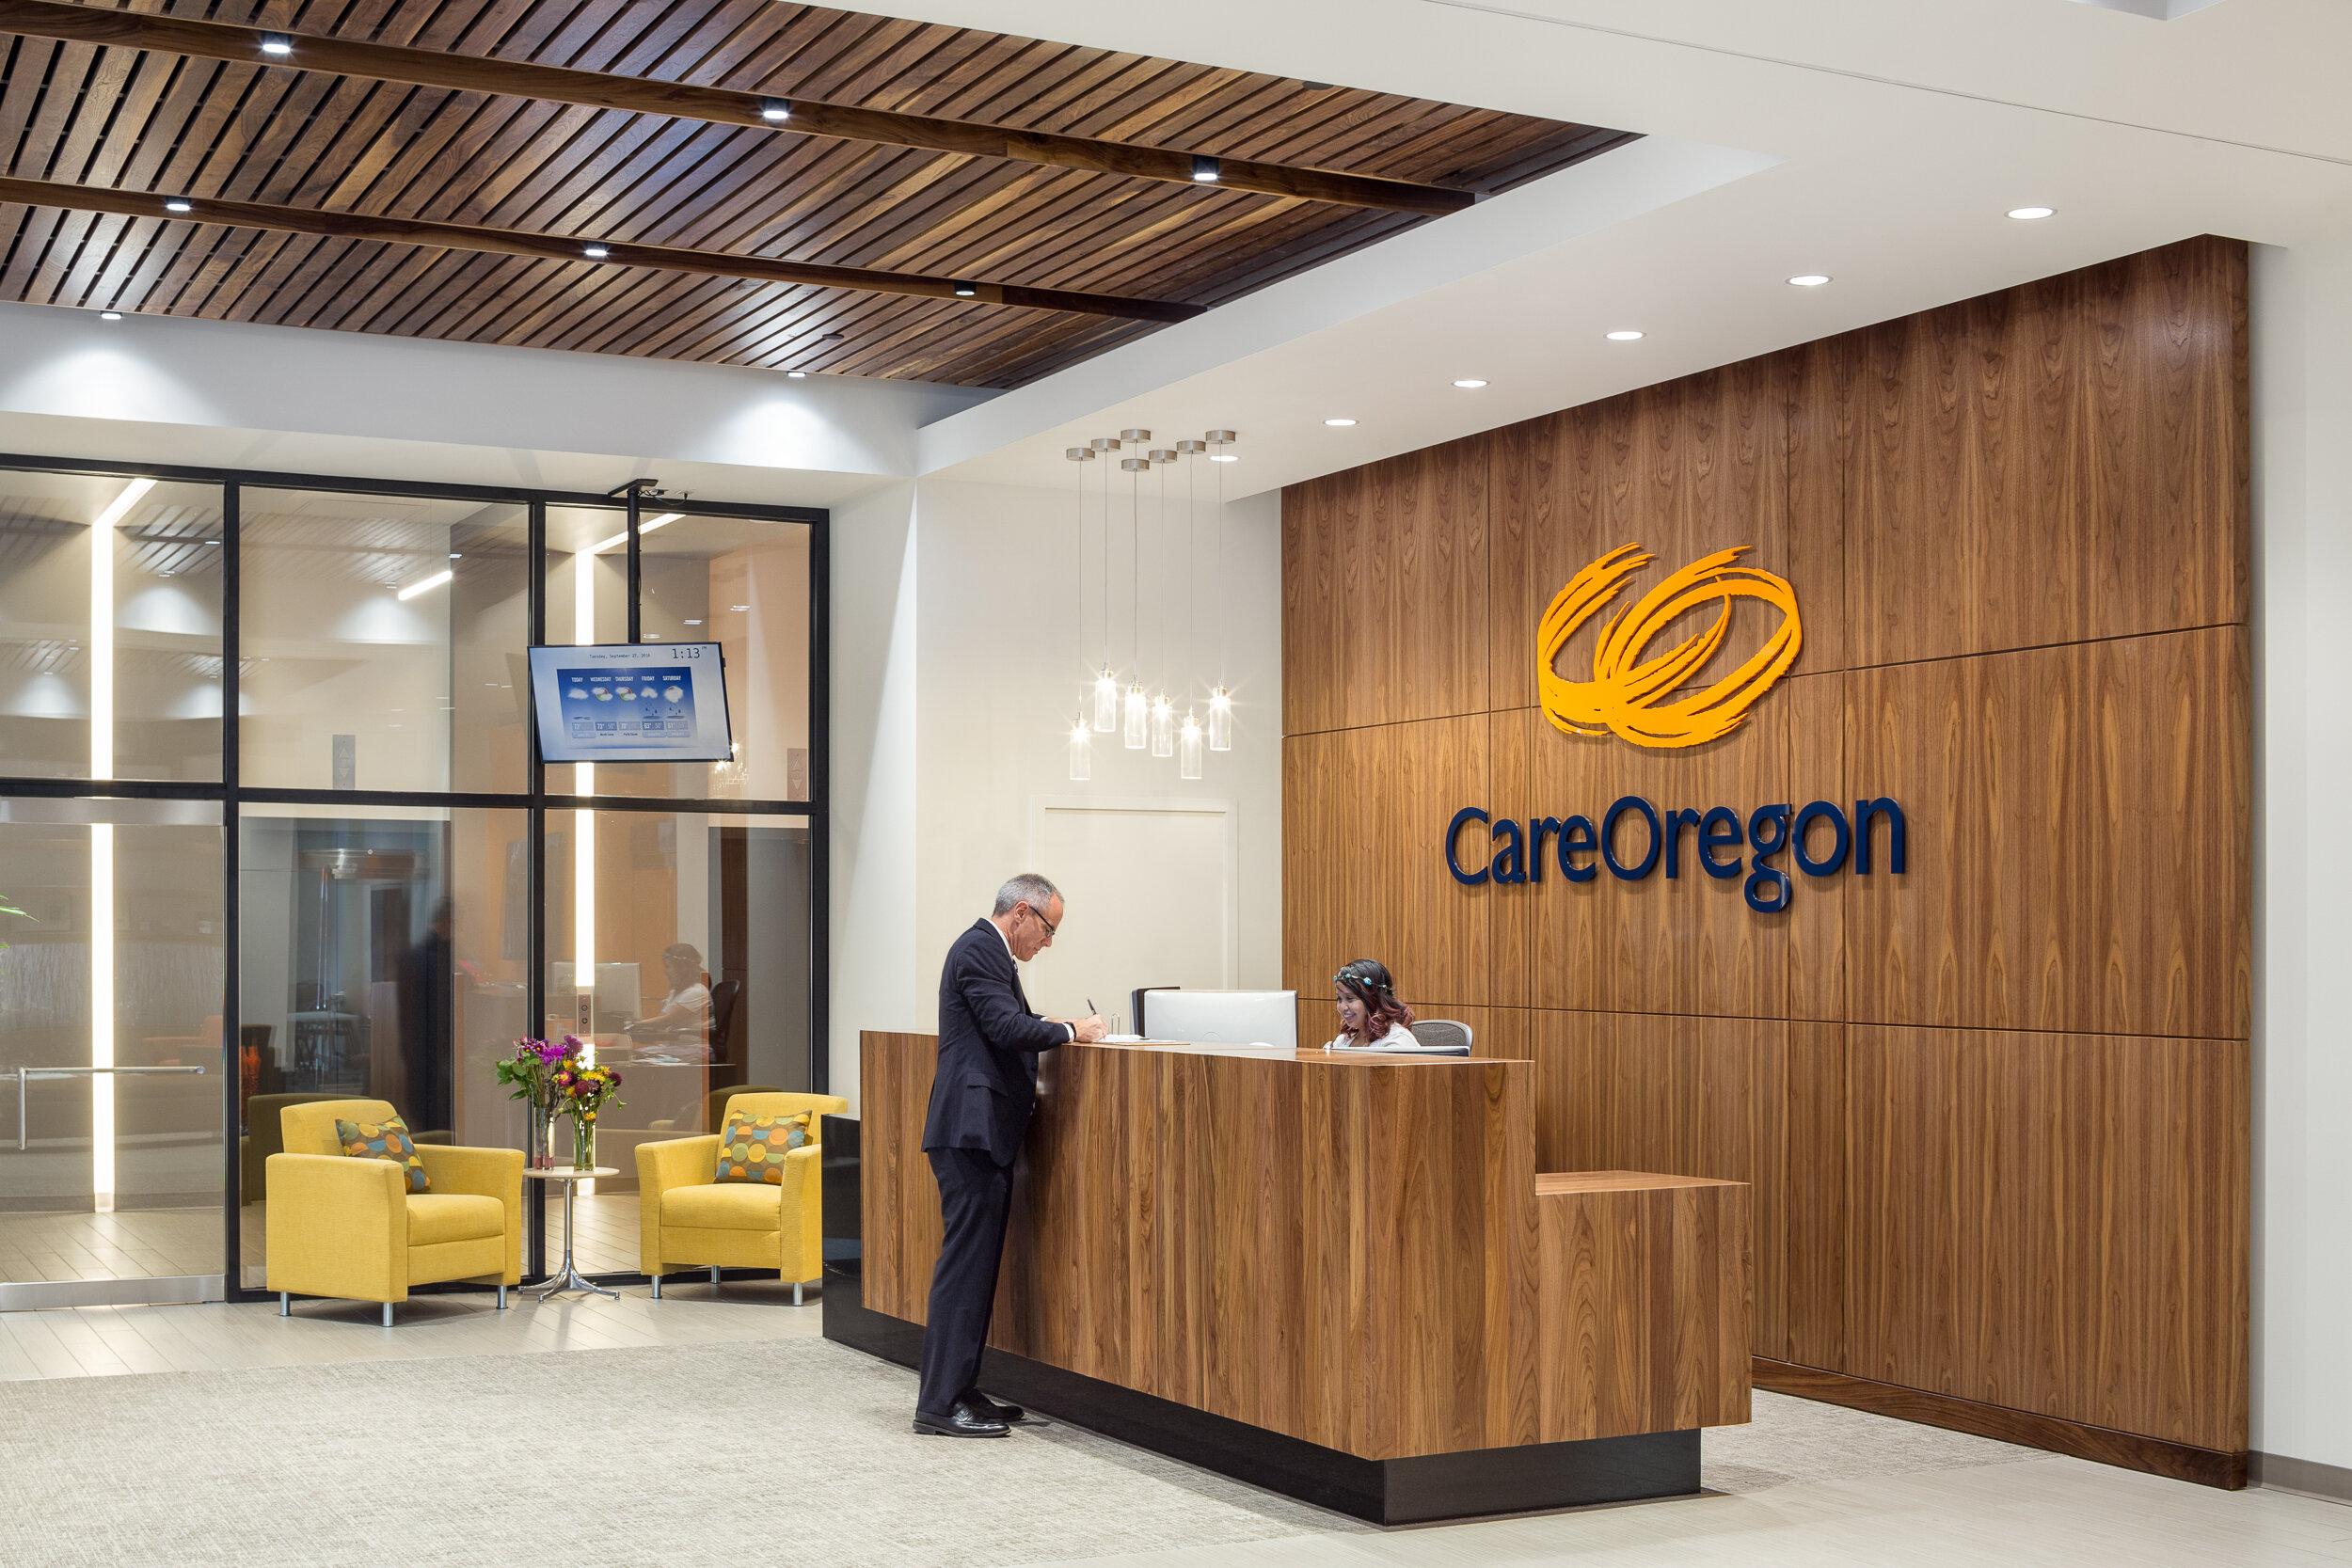 43-CareOregon-JoshPartee-1775-people.jpg